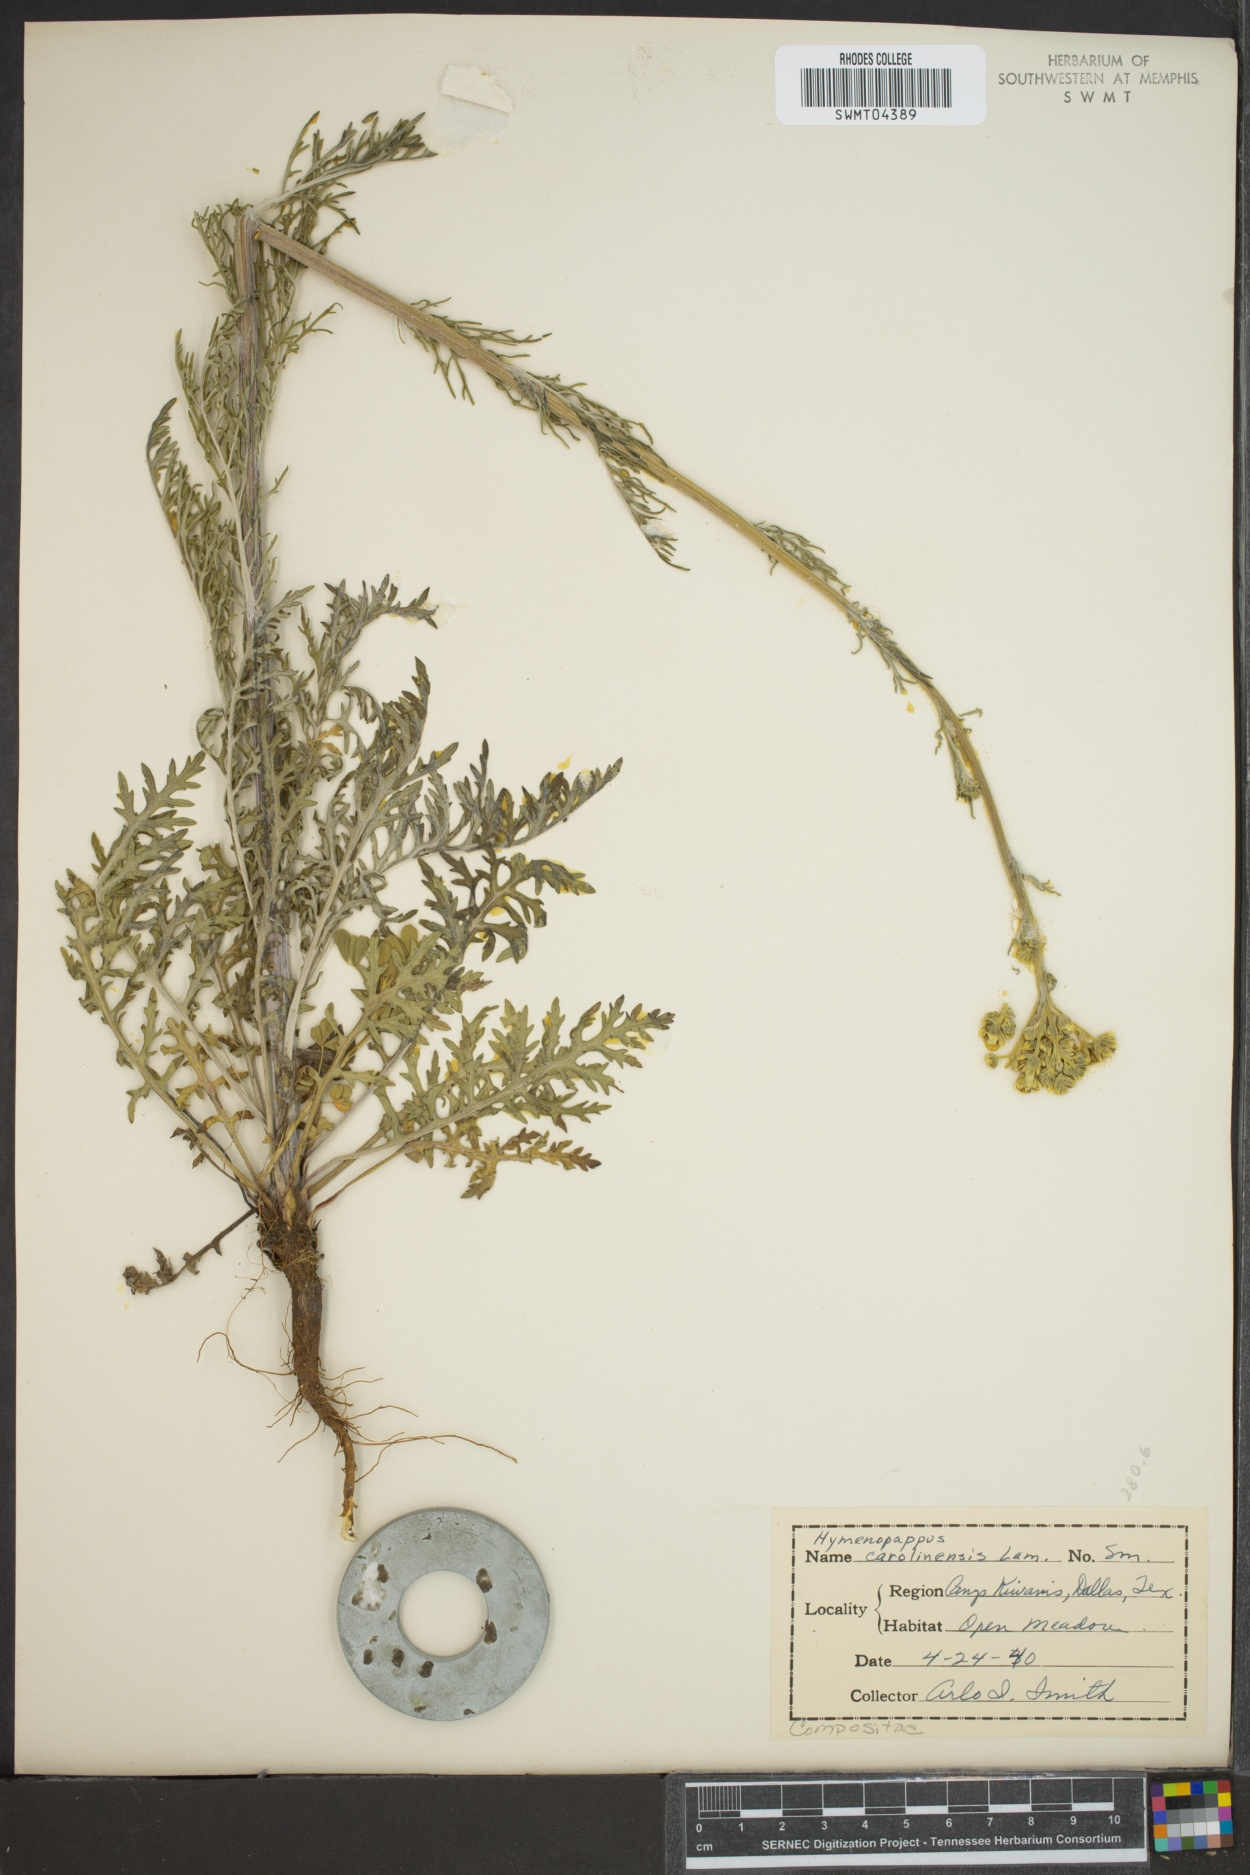 Hymenopappus carolinensis image